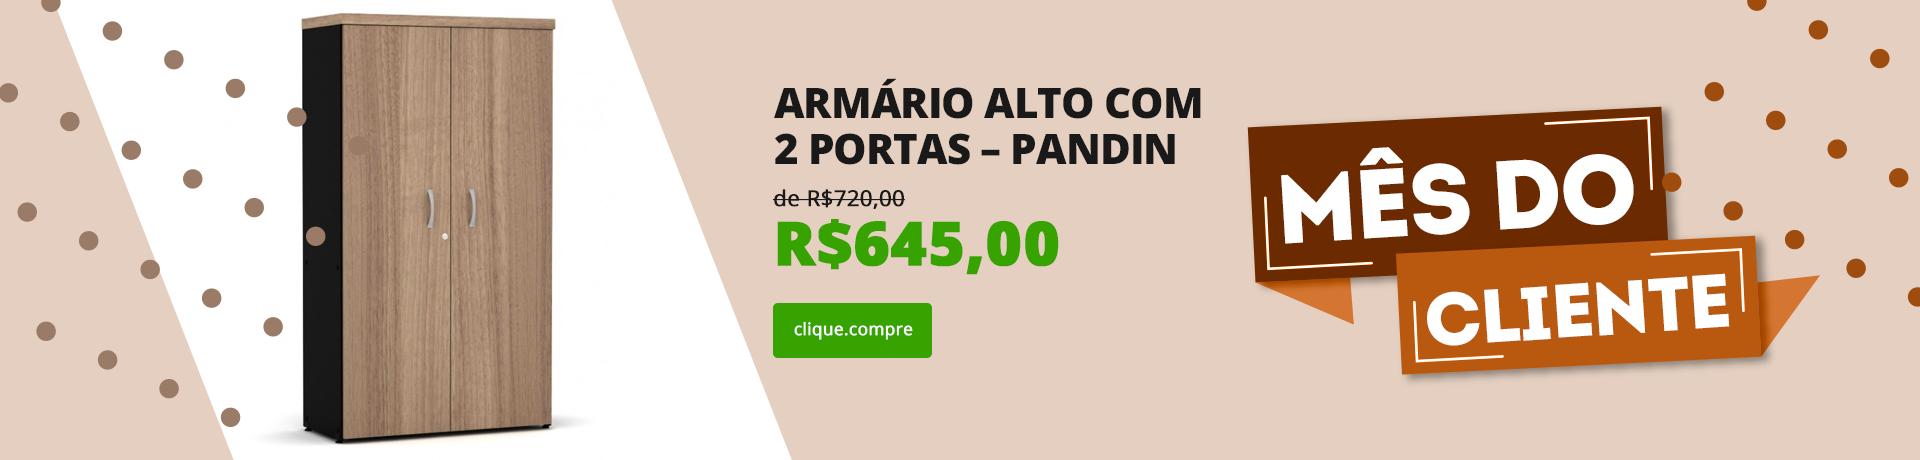 Armário Alto com 2 Portas – Pandin